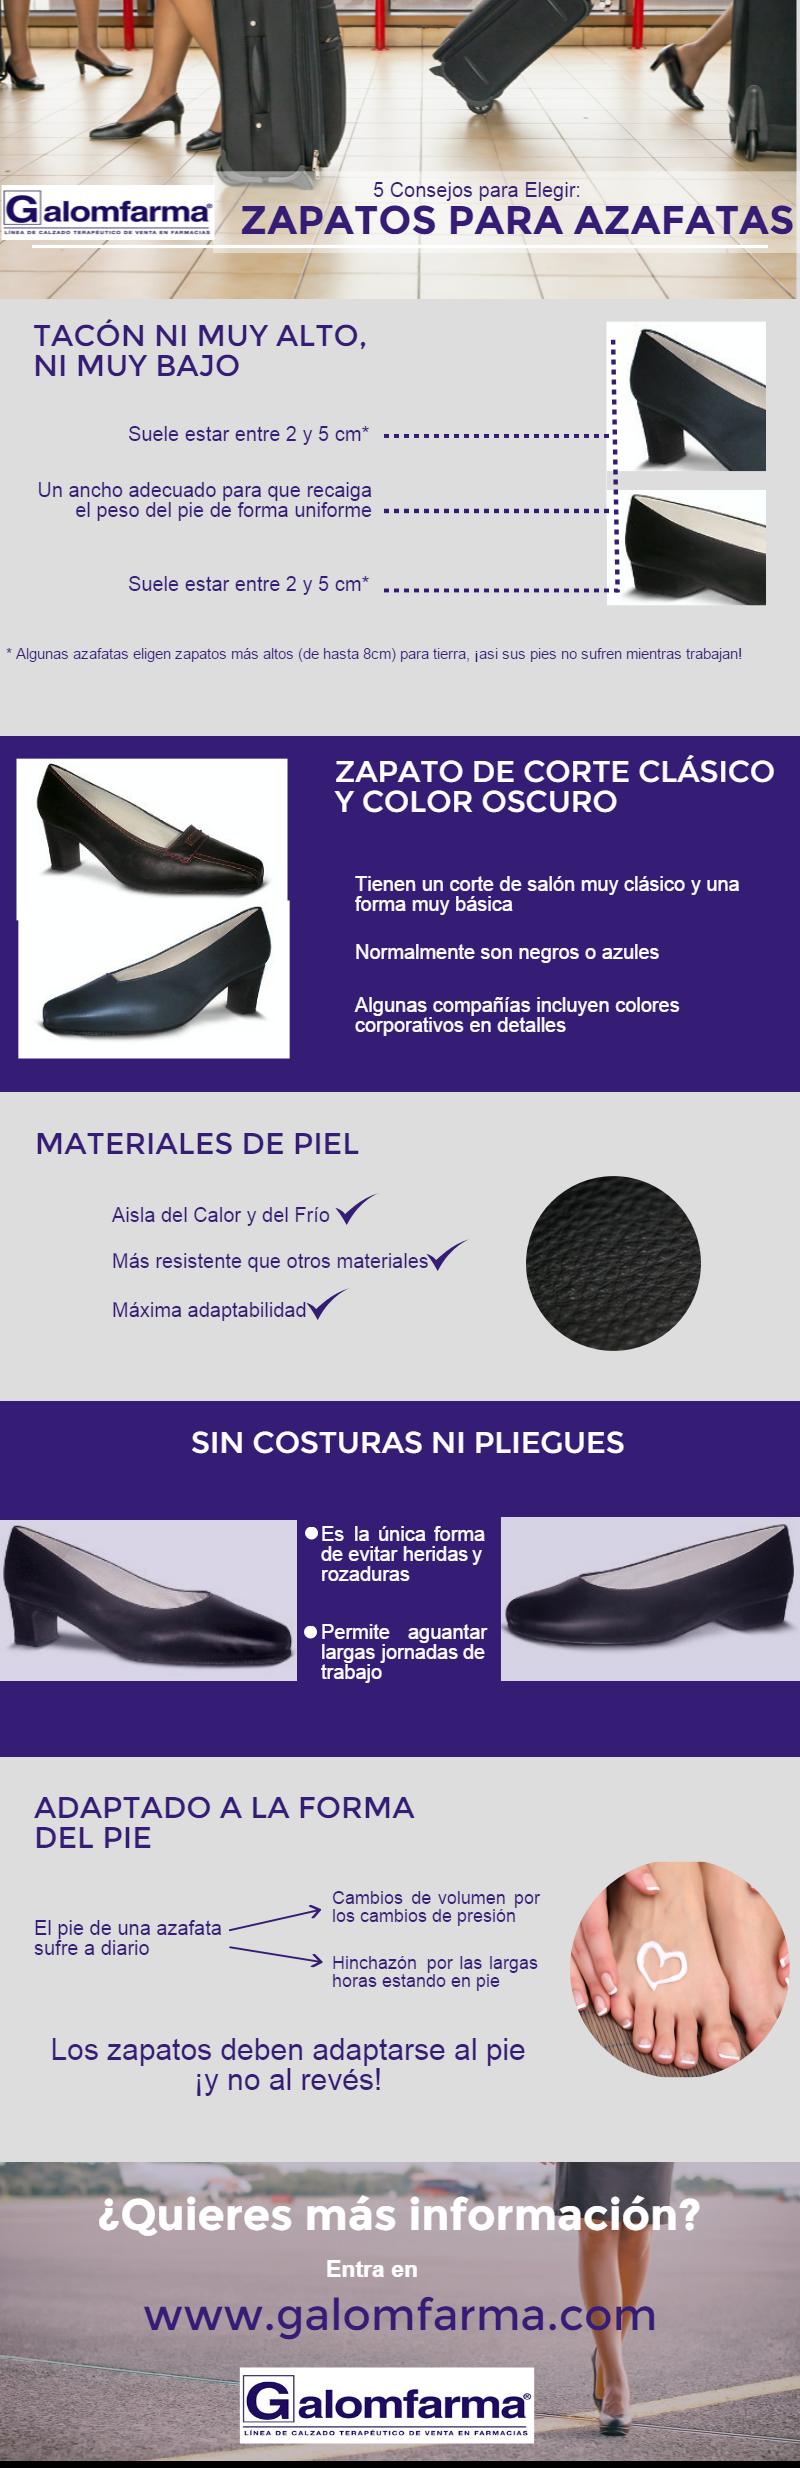 elegir zapatos de azafatas